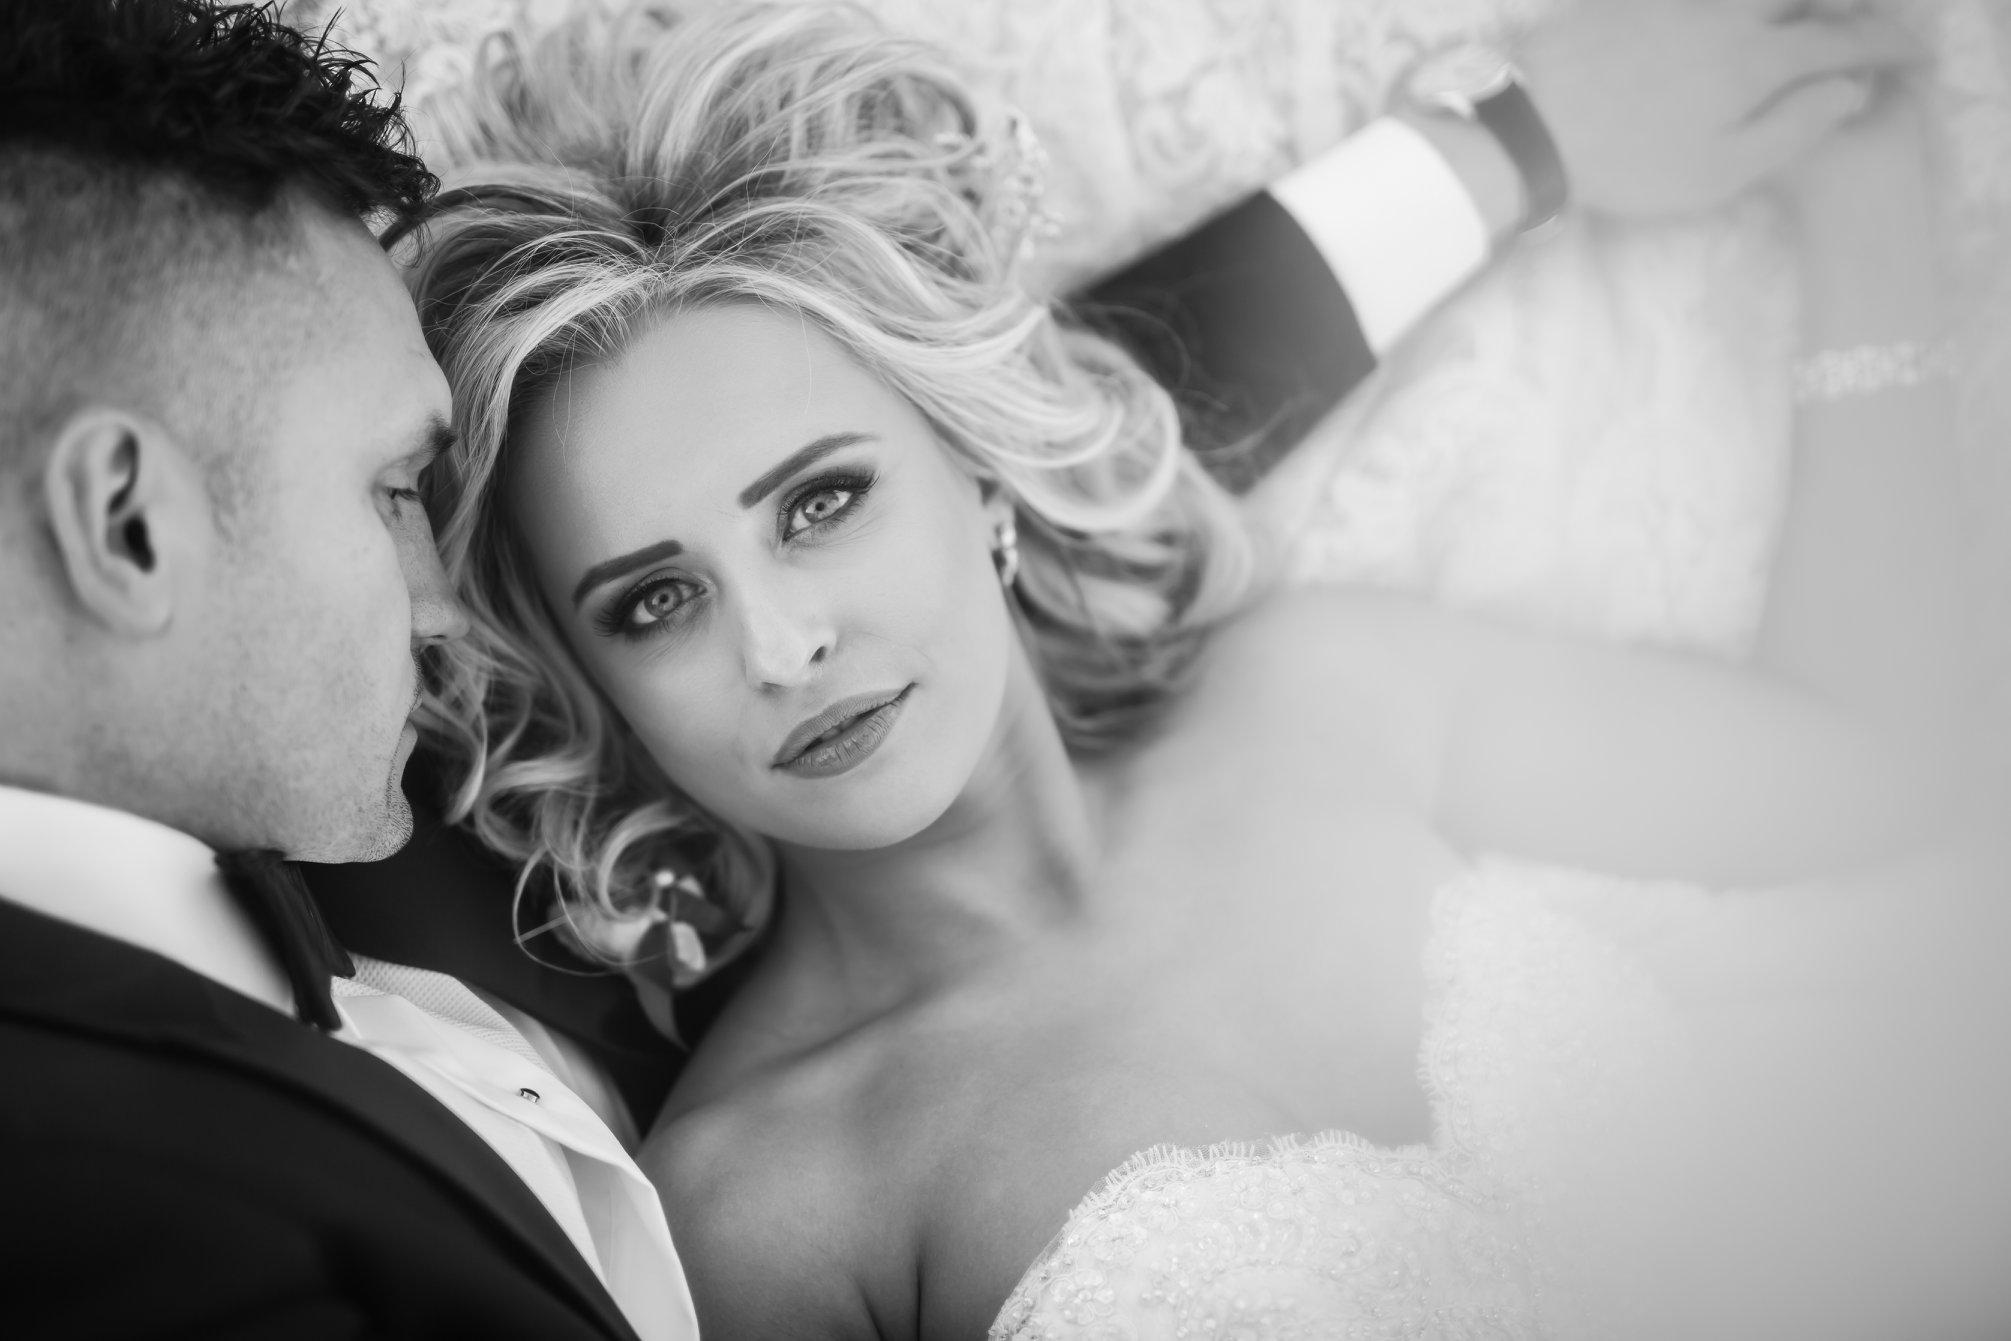 zajac photography wed16